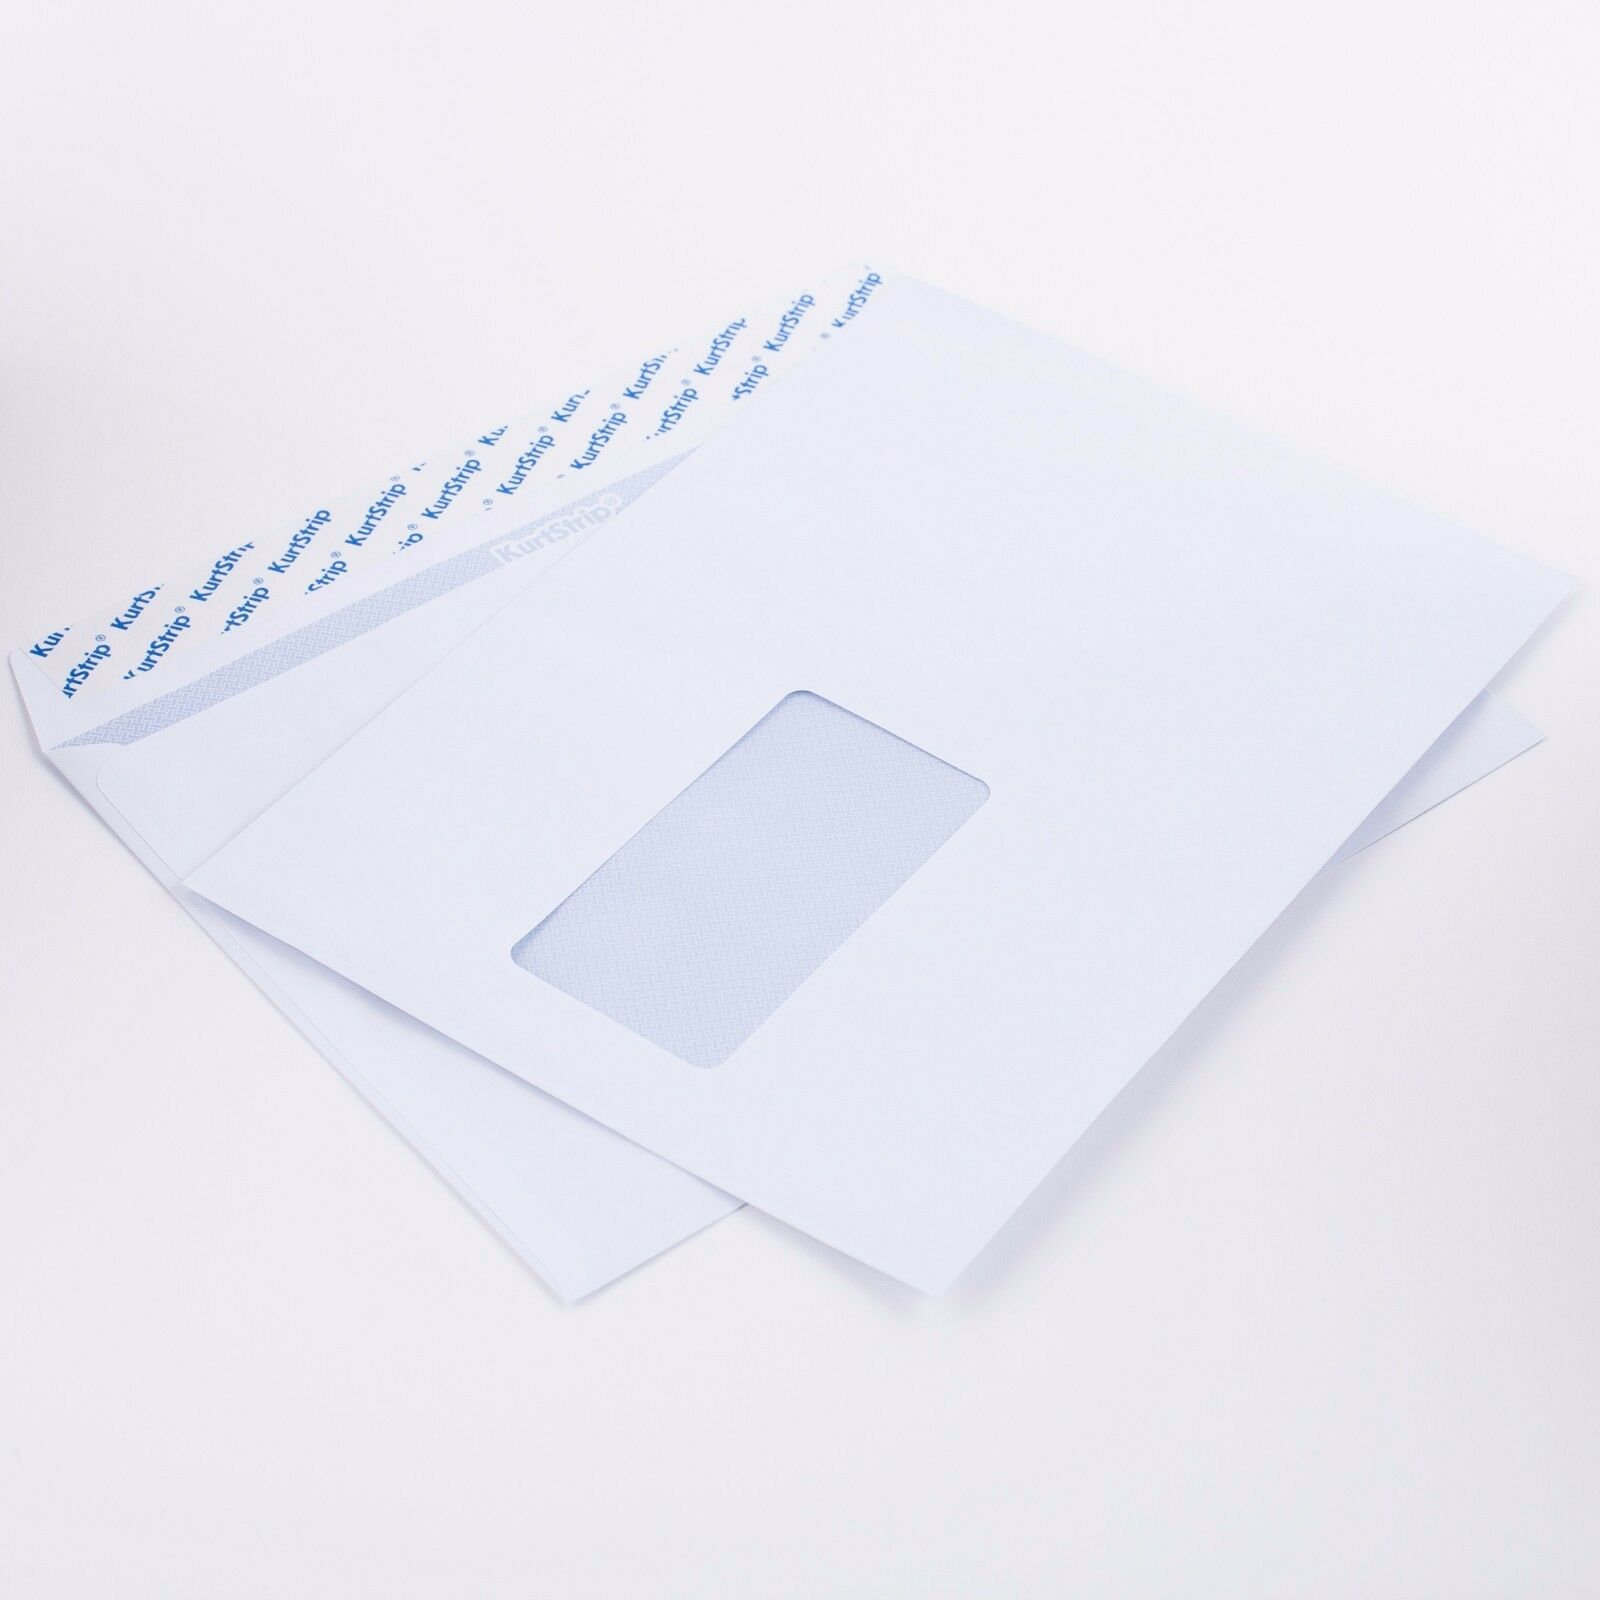 1000 Briefumschläge weiß C5  80g m²  mit Fenster 162 x229mm selbstklebend 1449E | Für Ihre Wahl  | Verschiedene Waren